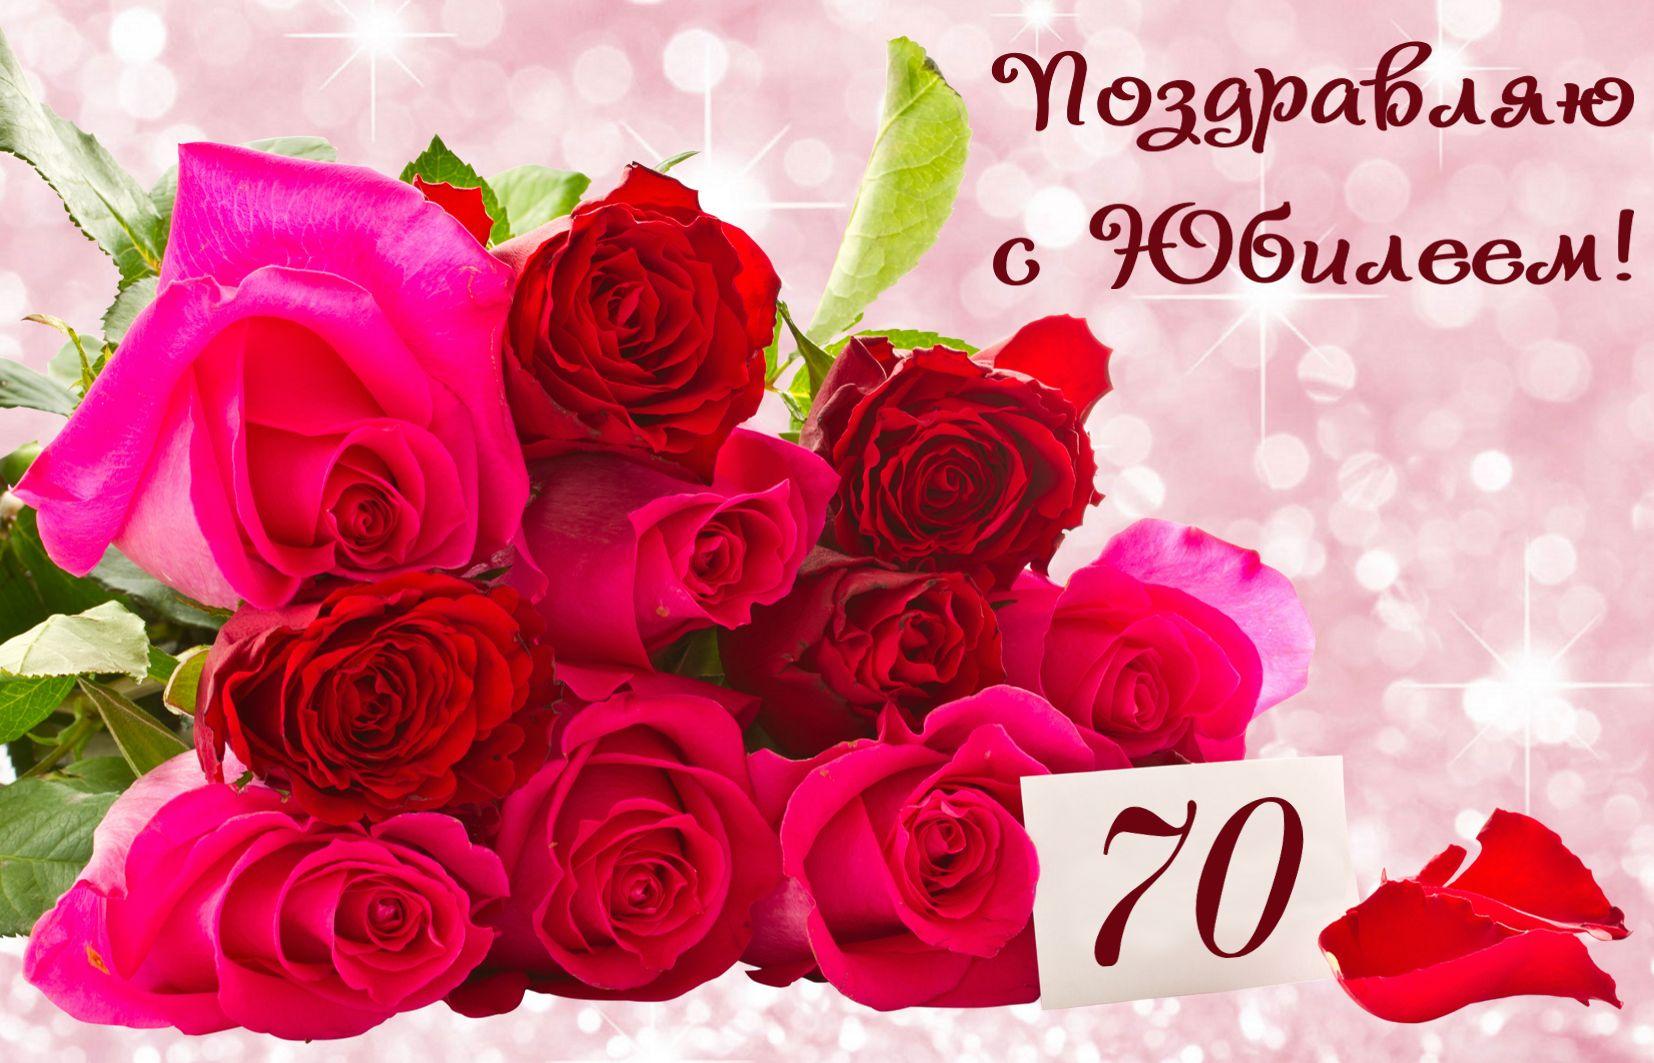 Букет красивых роз на юбилей 70 лет